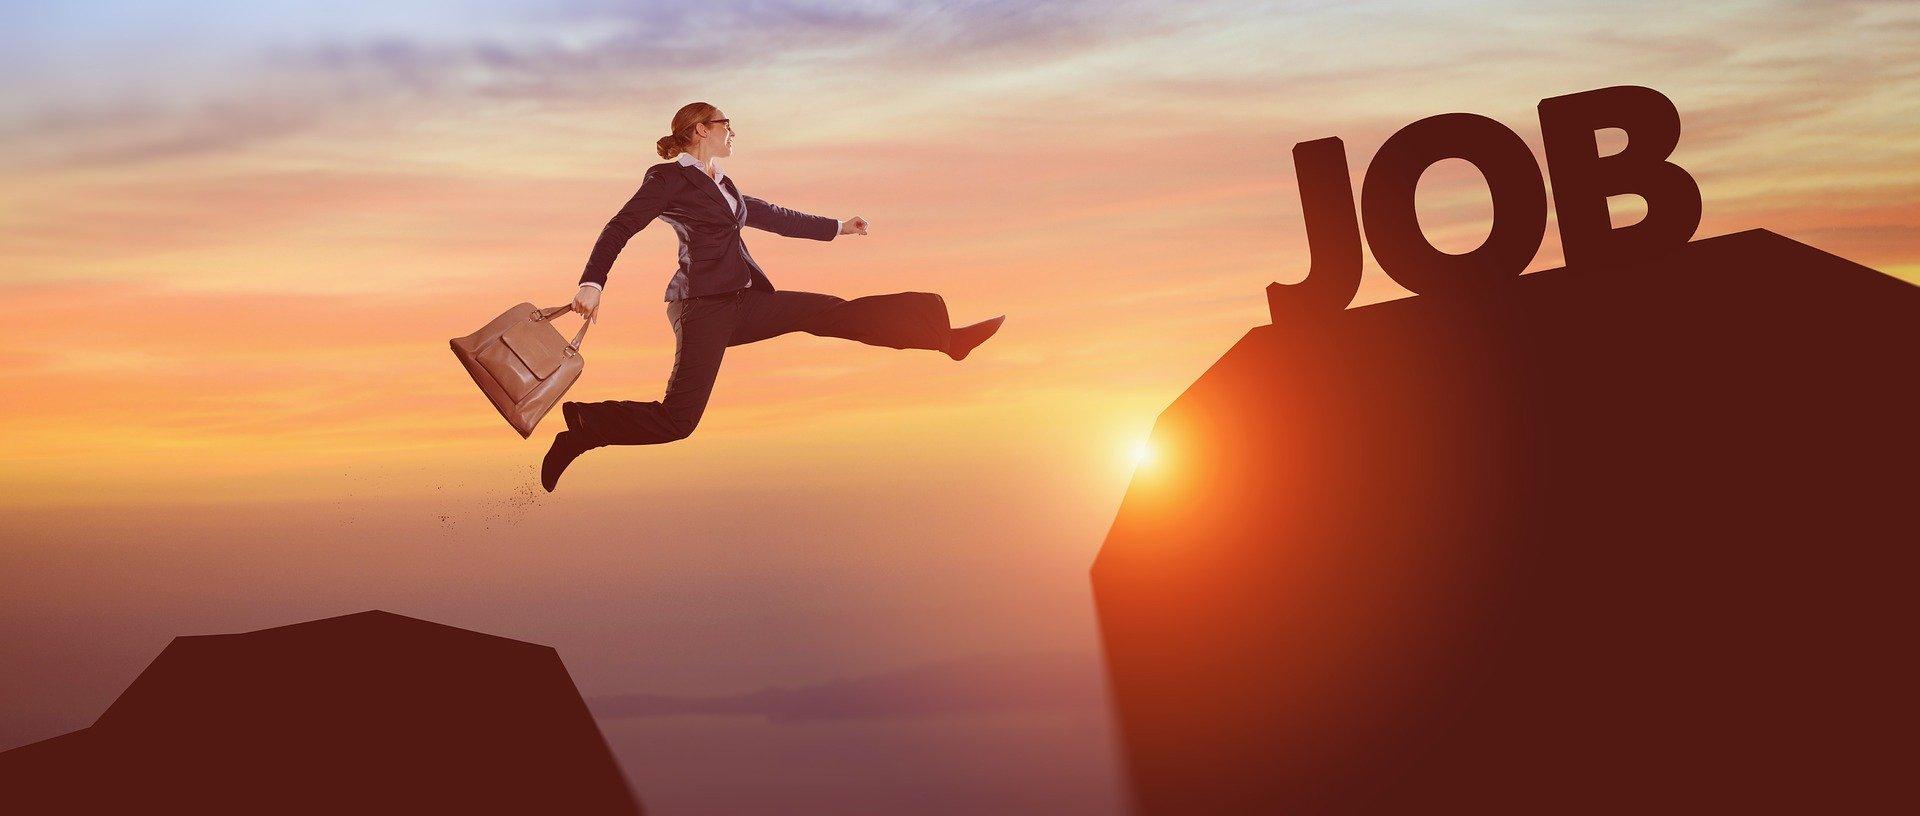 転職未経験者リスクを減らすには?